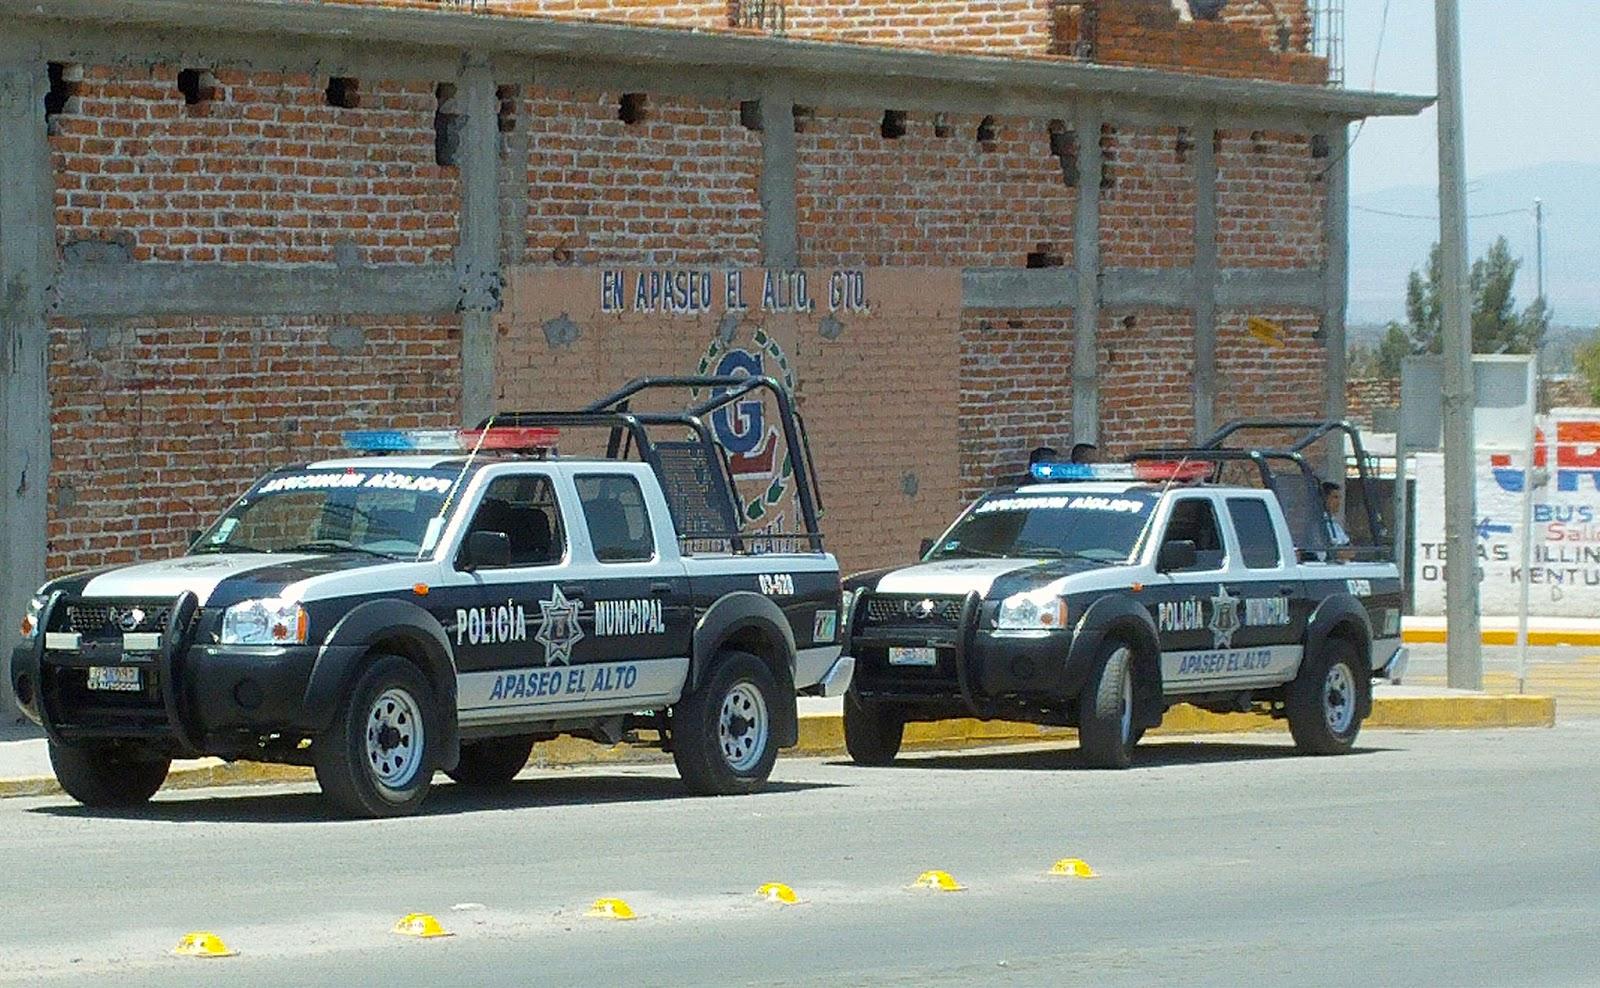 Balean y ejecutan a sujeto en Apaseo El Alto, Guanajuato